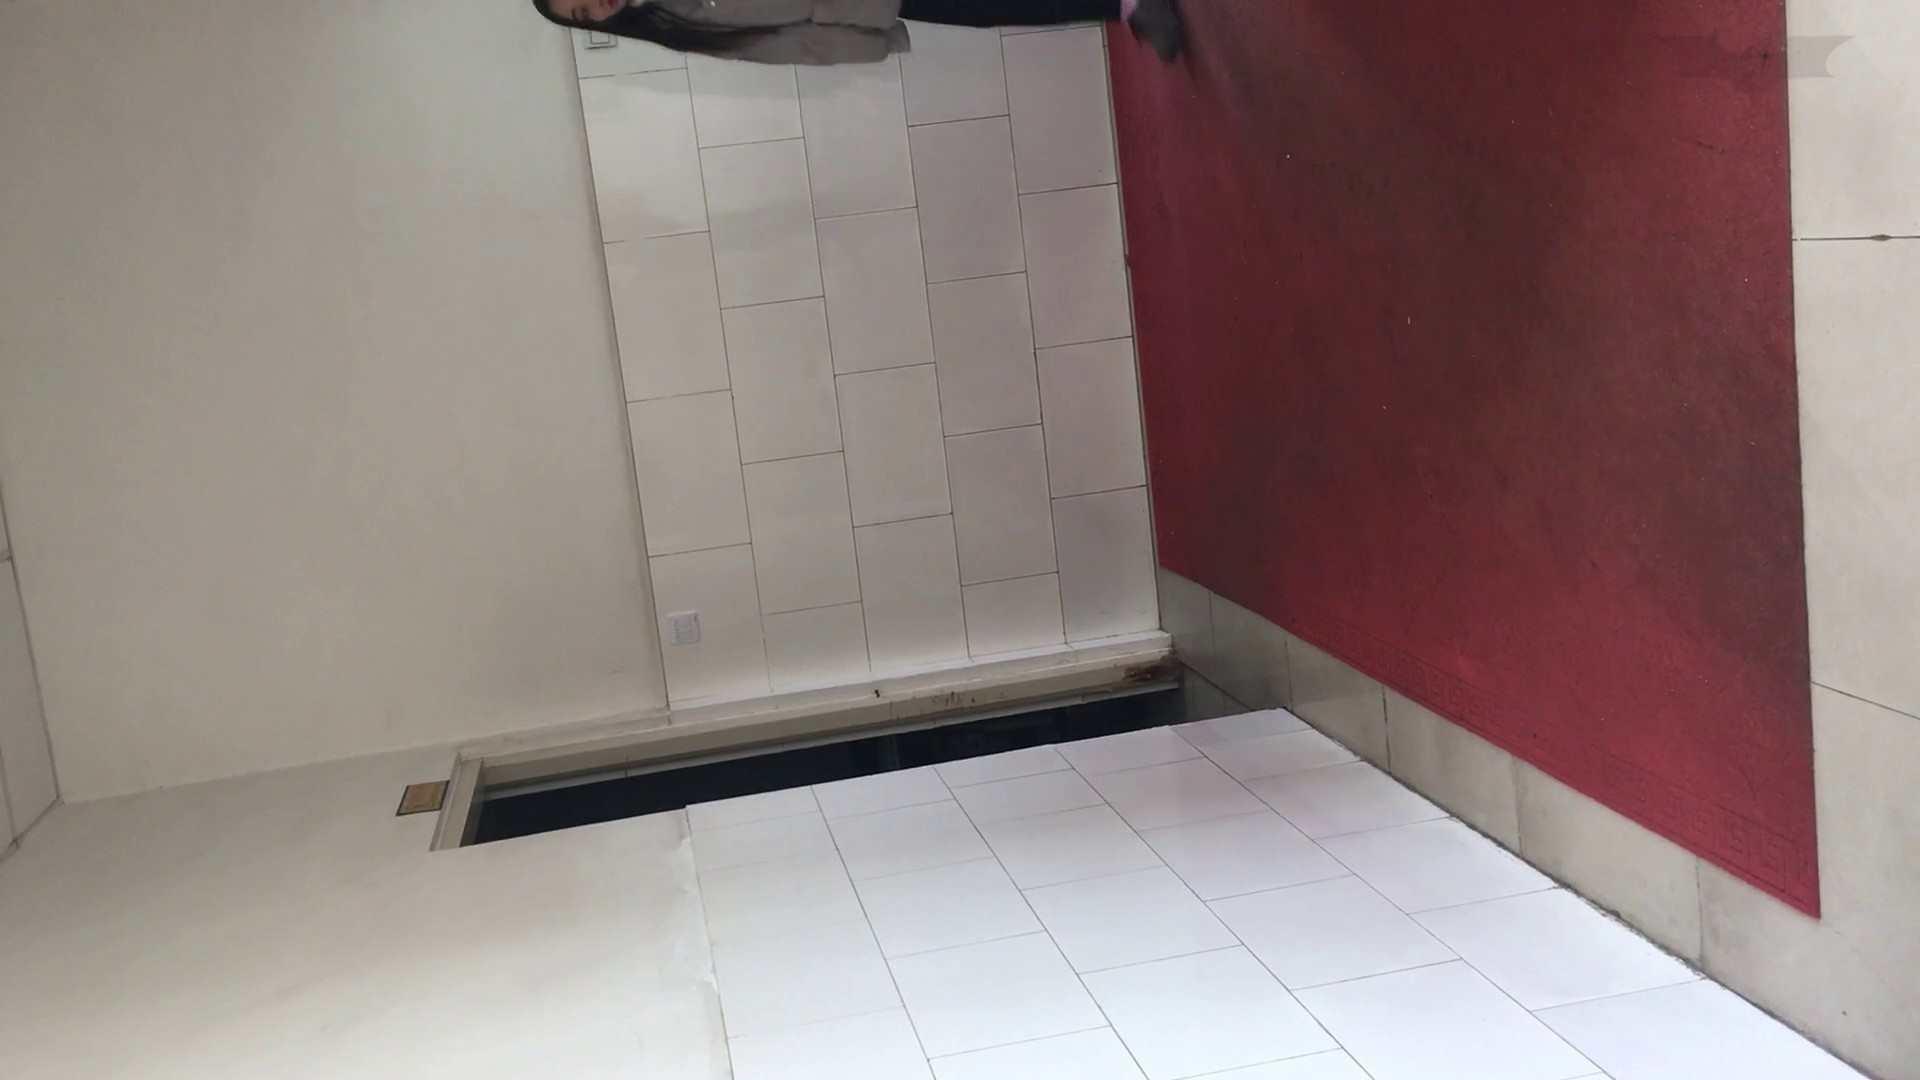 芸術大学ガチ潜入盗撮 JD盗撮 美女の洗面所の秘密 Vol.80 トイレ中 | 洗面所着替え  64連発 15